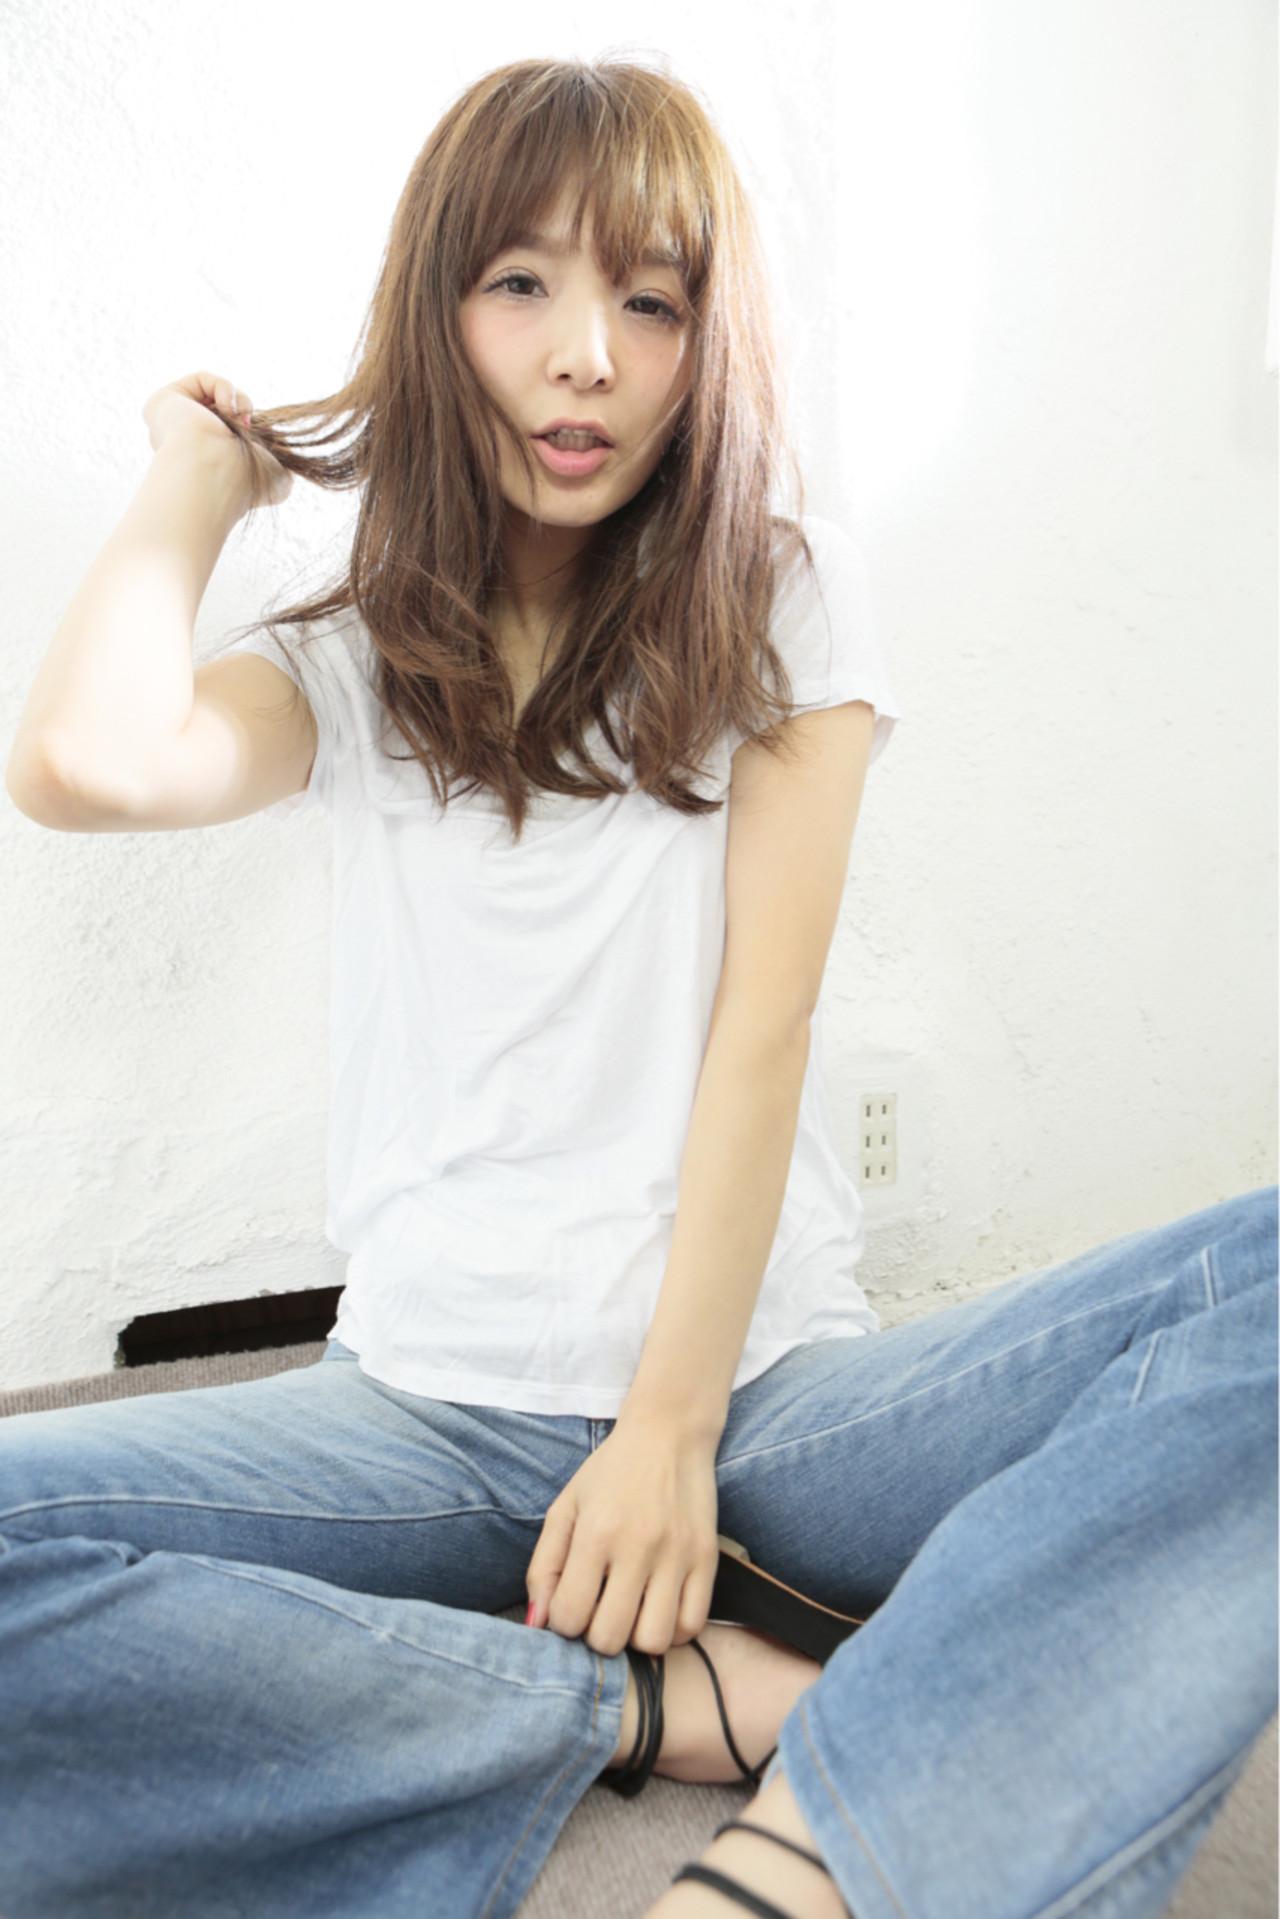 ゆるふわ ナチュラル セミロング フェミニン ヘアスタイルや髪型の写真・画像 | 清水桃子 / ミルクブッシュ / ミルクブッシュ